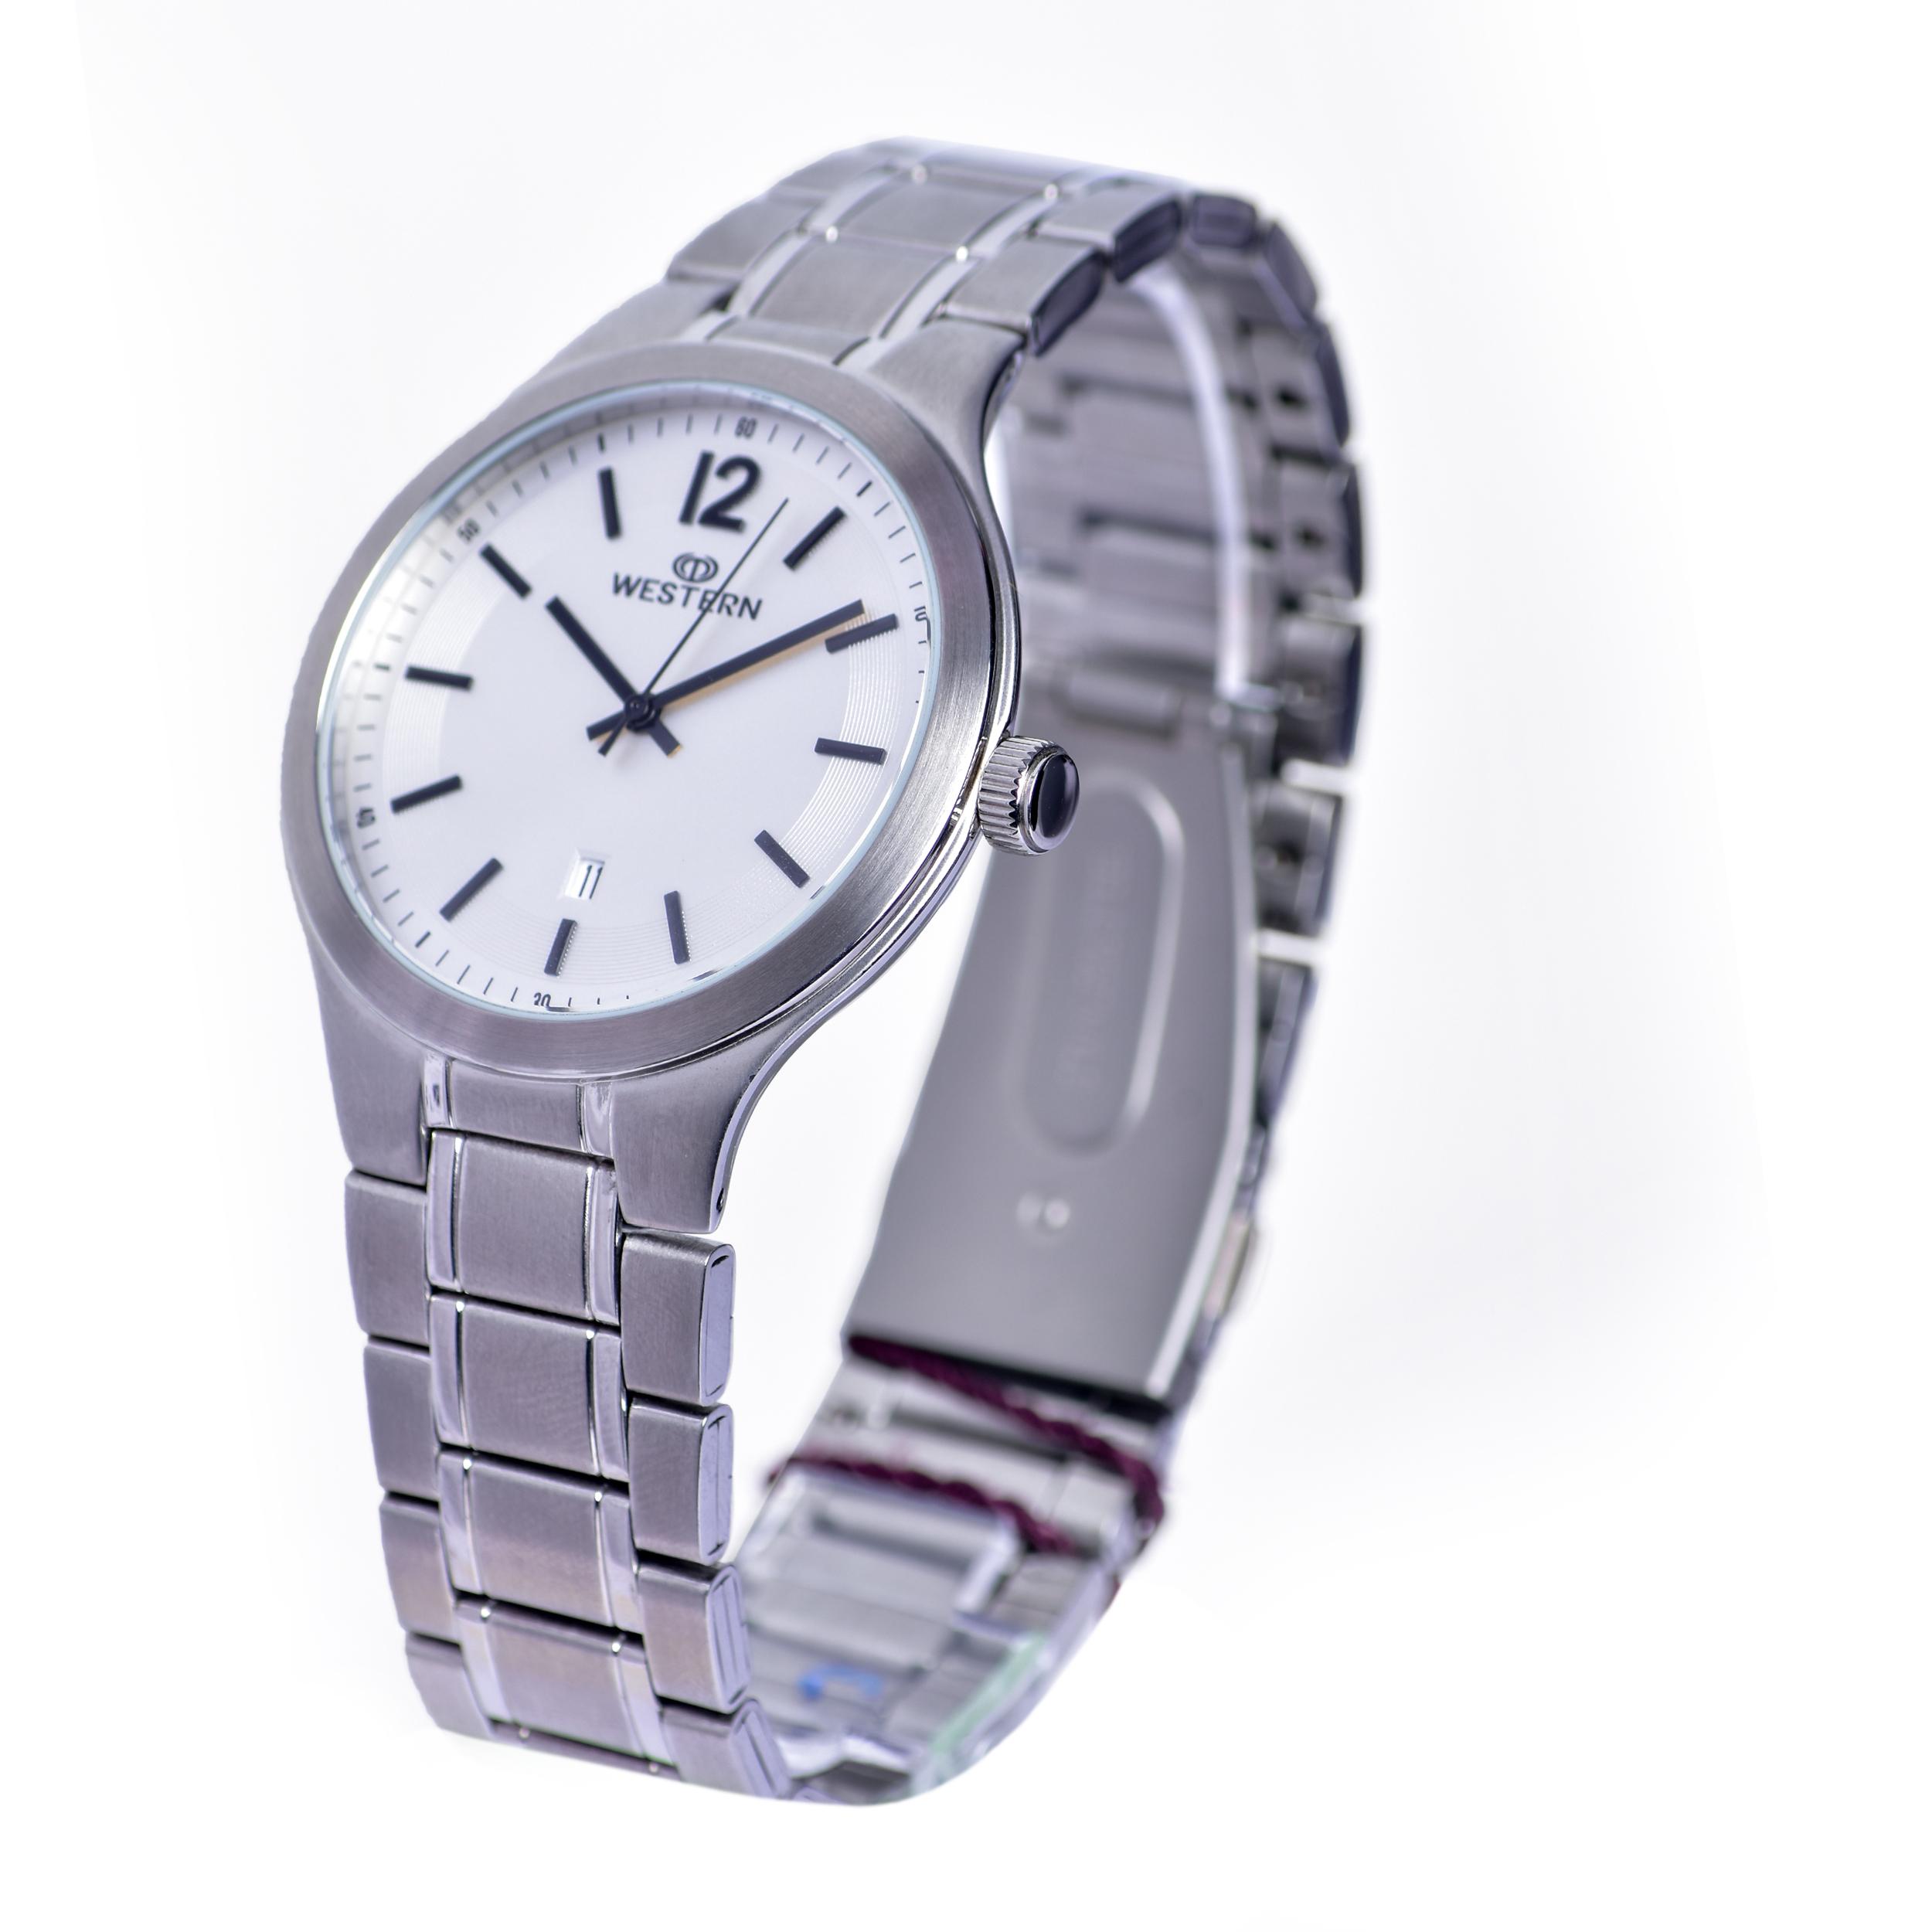 ساعت مچی عقربه ای مردانه وسترن مدل ۶۴۱۷ thumb 2 1